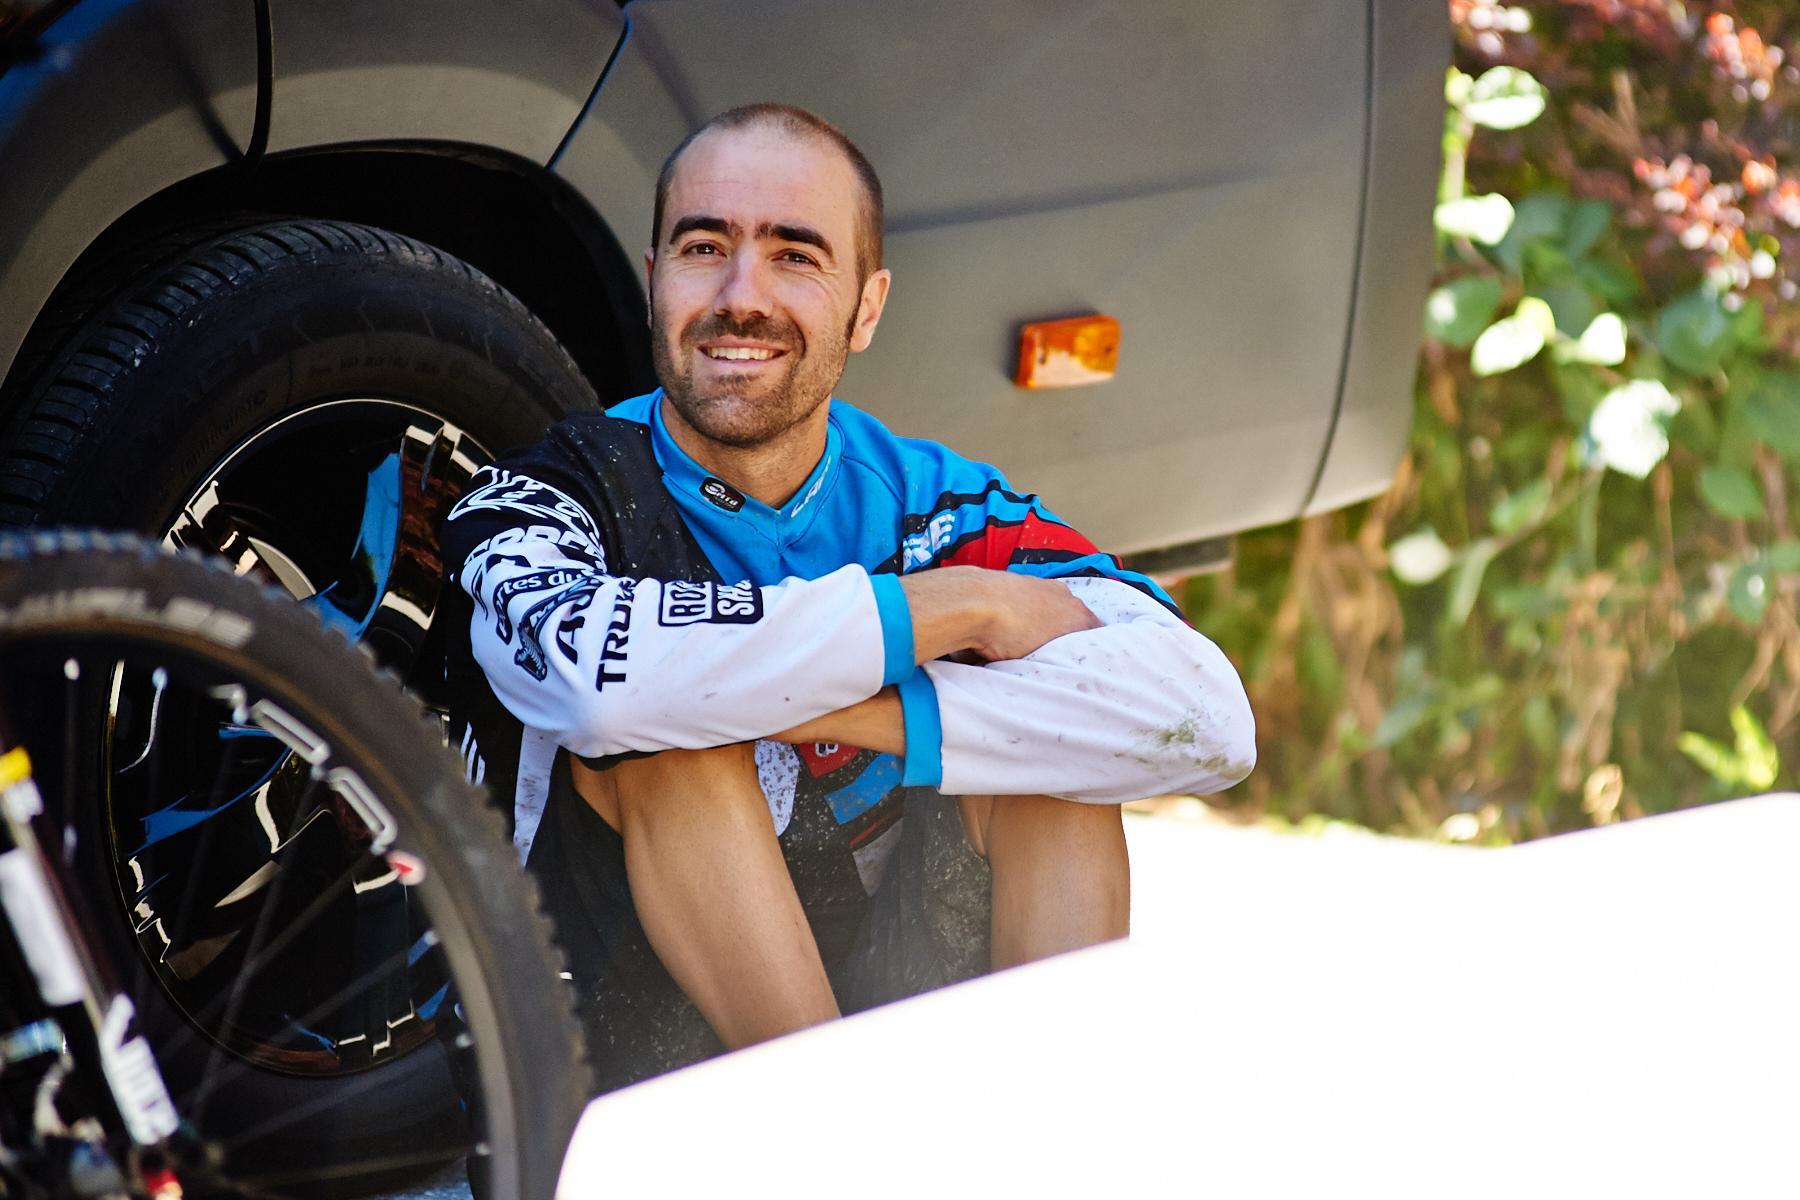 Nico Voullioz ist die ersten Runden verletzungsbedingt ausgefallen. Jetzt ist er wieder mit dabei und sichtlich entspannt!